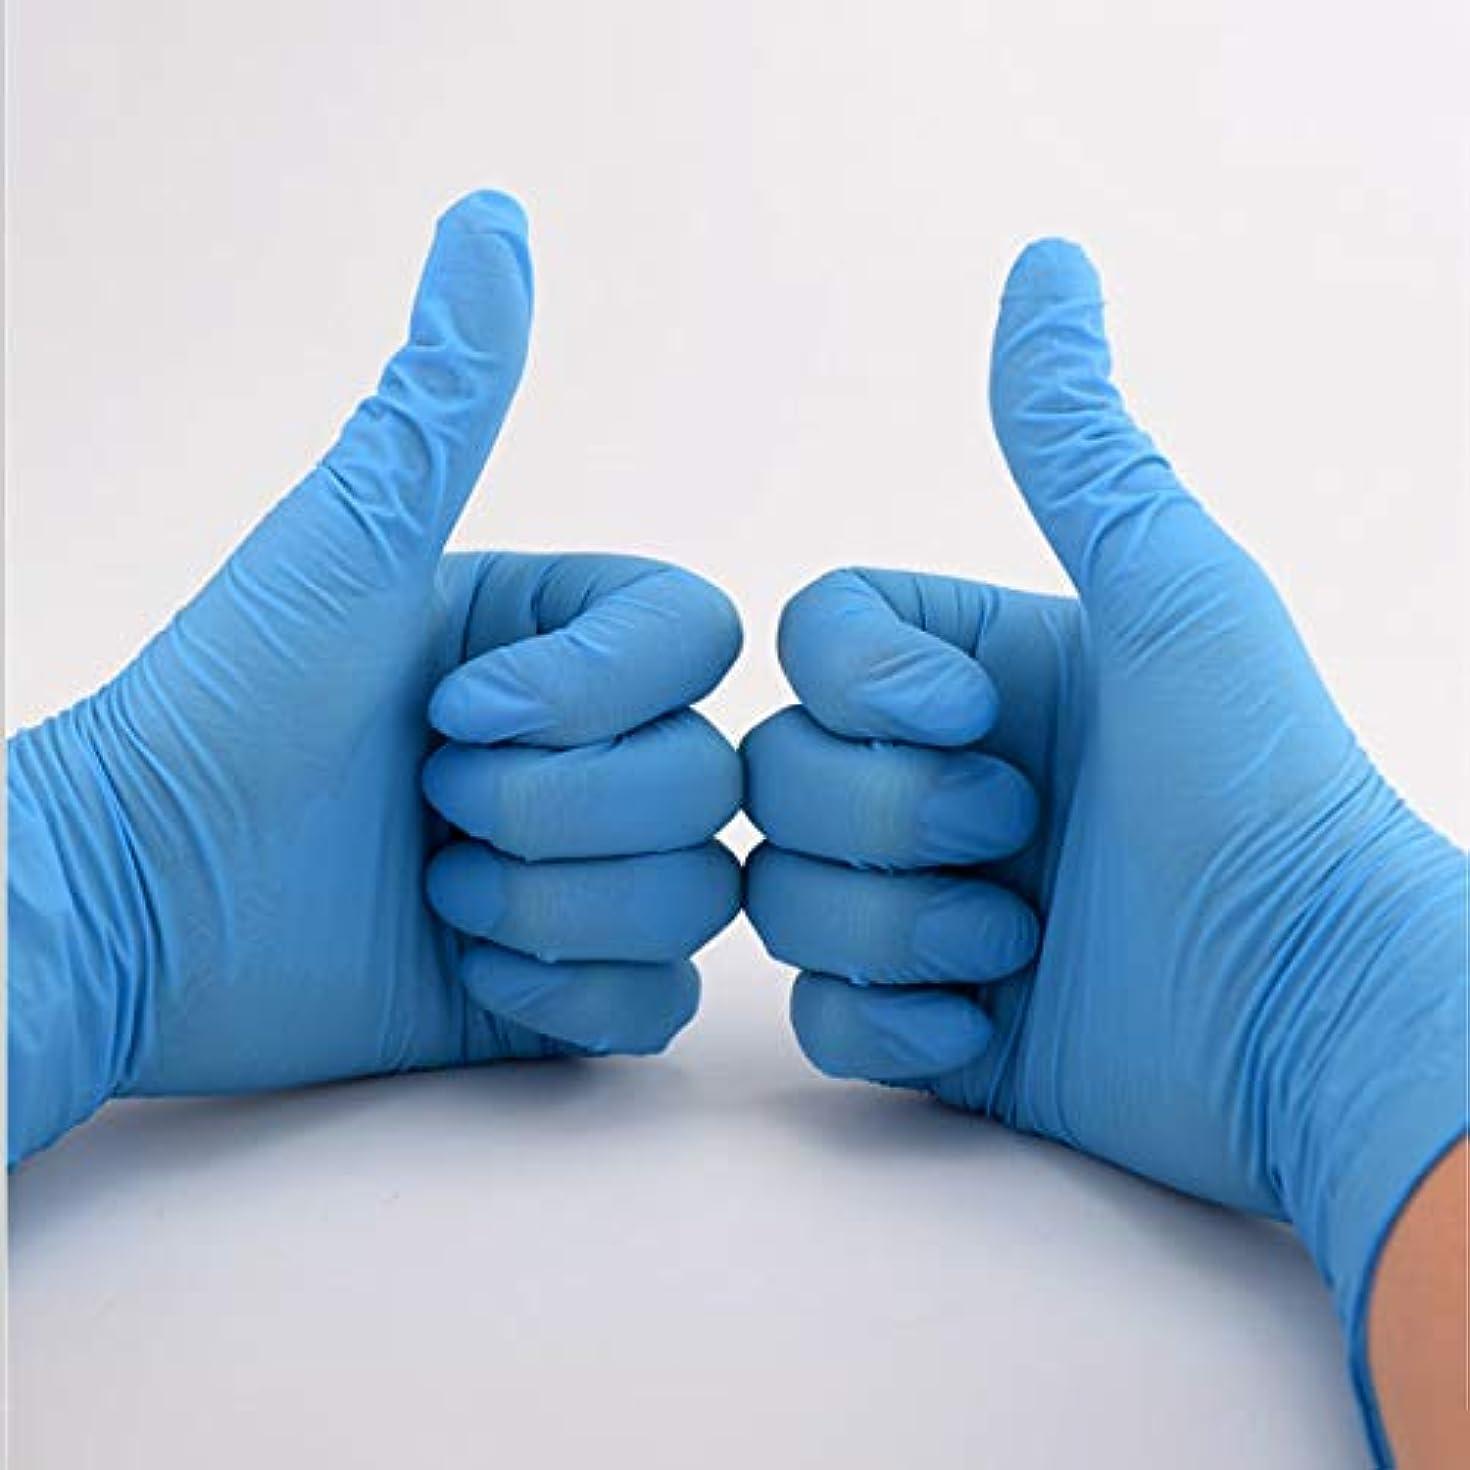 カヌー司令官大統領ビニール手袋 使い捨て手袋 グローブ ニトリルグローブ ゴム手袋 粉なし 男女兼用 作業 介護 調理 炊事 園芸 掃除用,Blue50,L